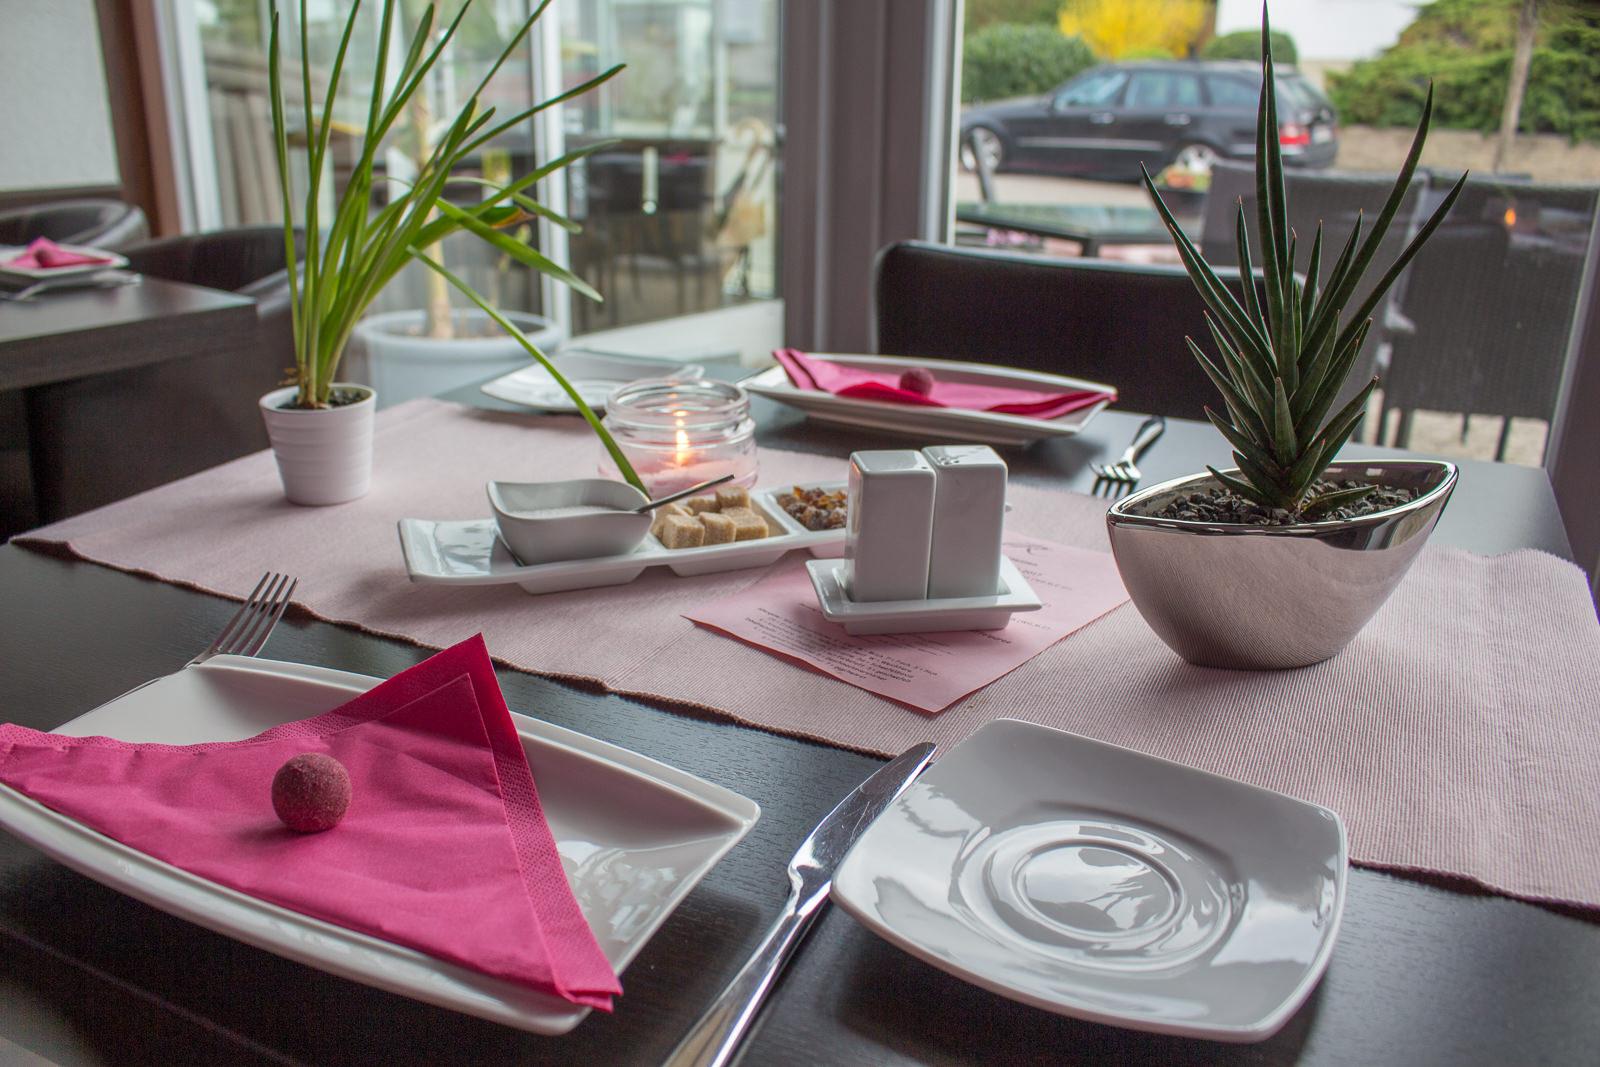 Café Rebmann, Rebmann Manufaktur, Cabriotour, Roadtrip, Pfalz, Weinstraße, Südliche Weinstraße, Reiseblog, #RLPerleben, Rheinland-Pfalz